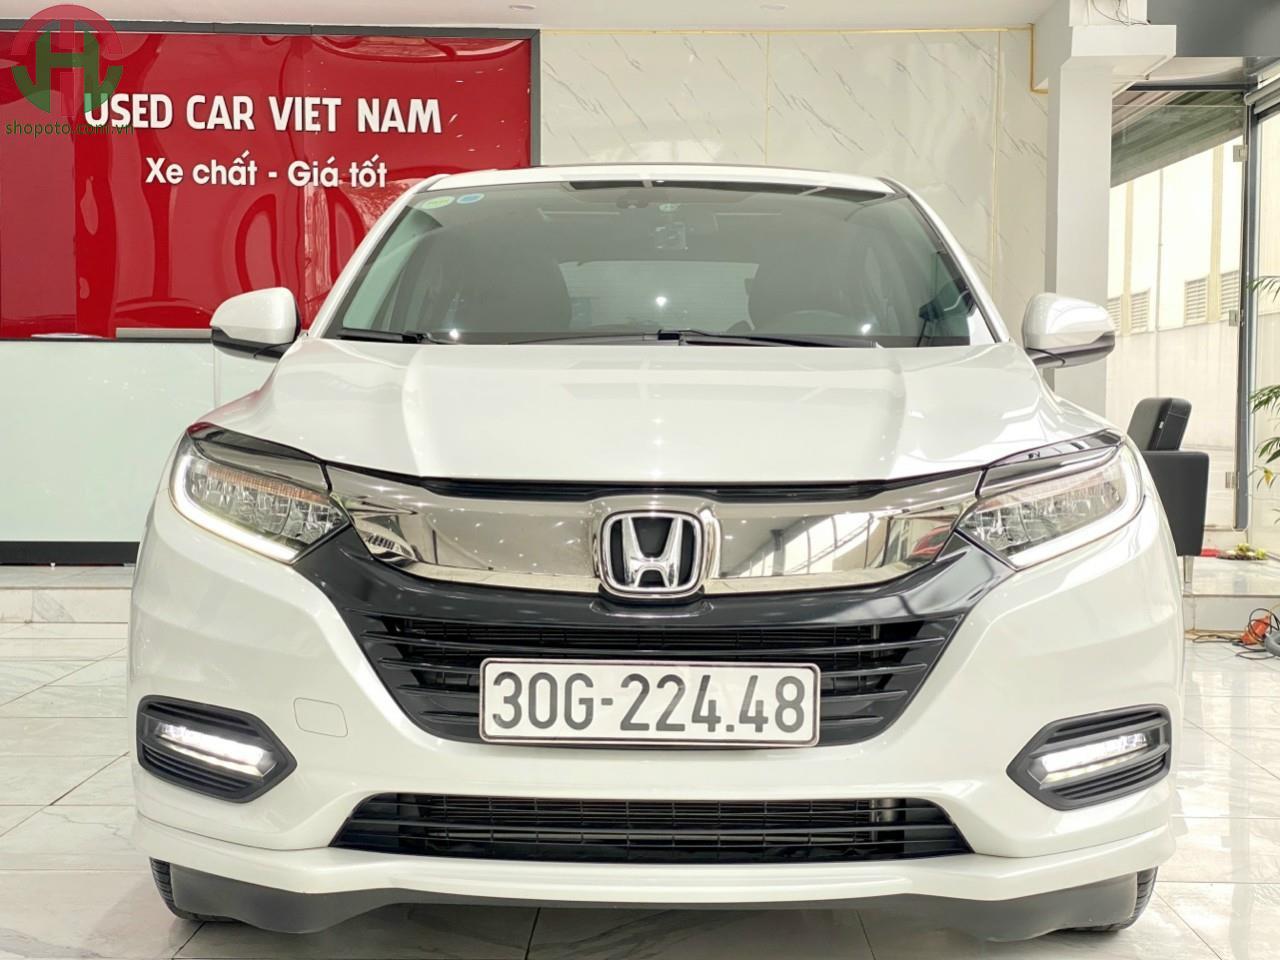 Honda HRV 1.8 L màu Trắng Model 2020